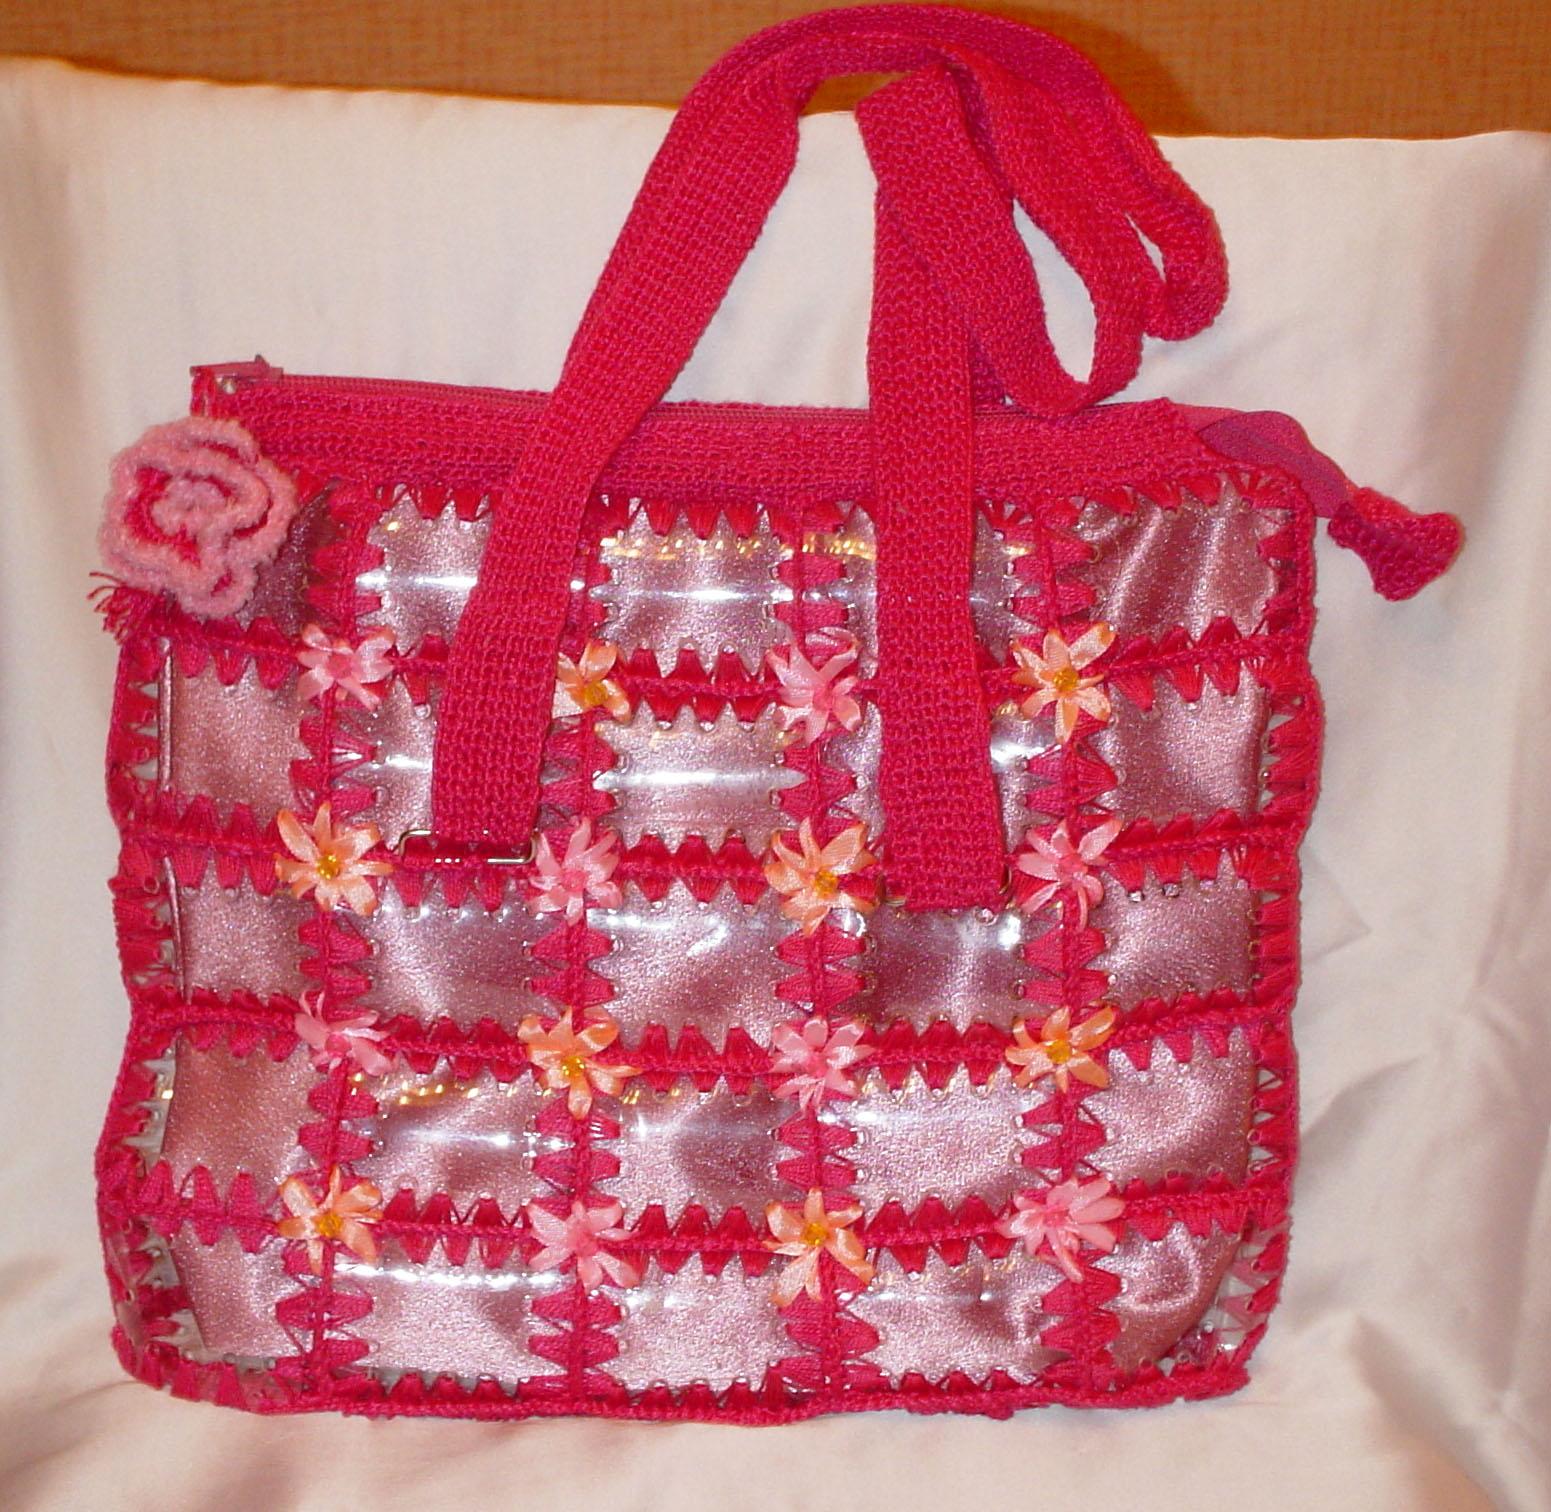 Как сделать пластиковую сумку